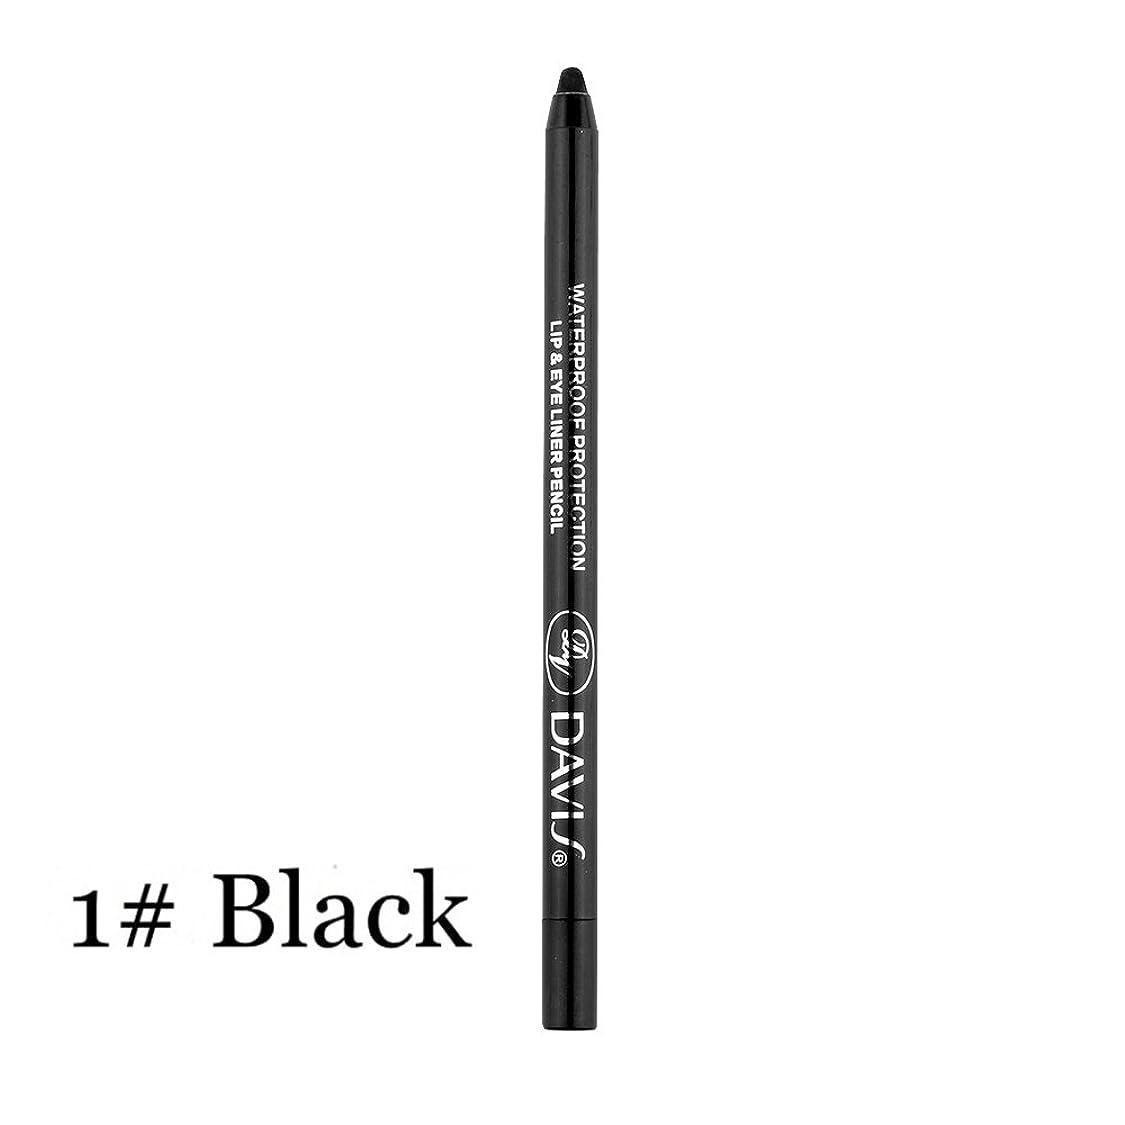 Geobiva - 2PCロングラスティングアイライナーペンシル顔料防水ホワイト色のアイライナーペンアイ化粧品メイクツールの女性のファッション12色[ブラック]